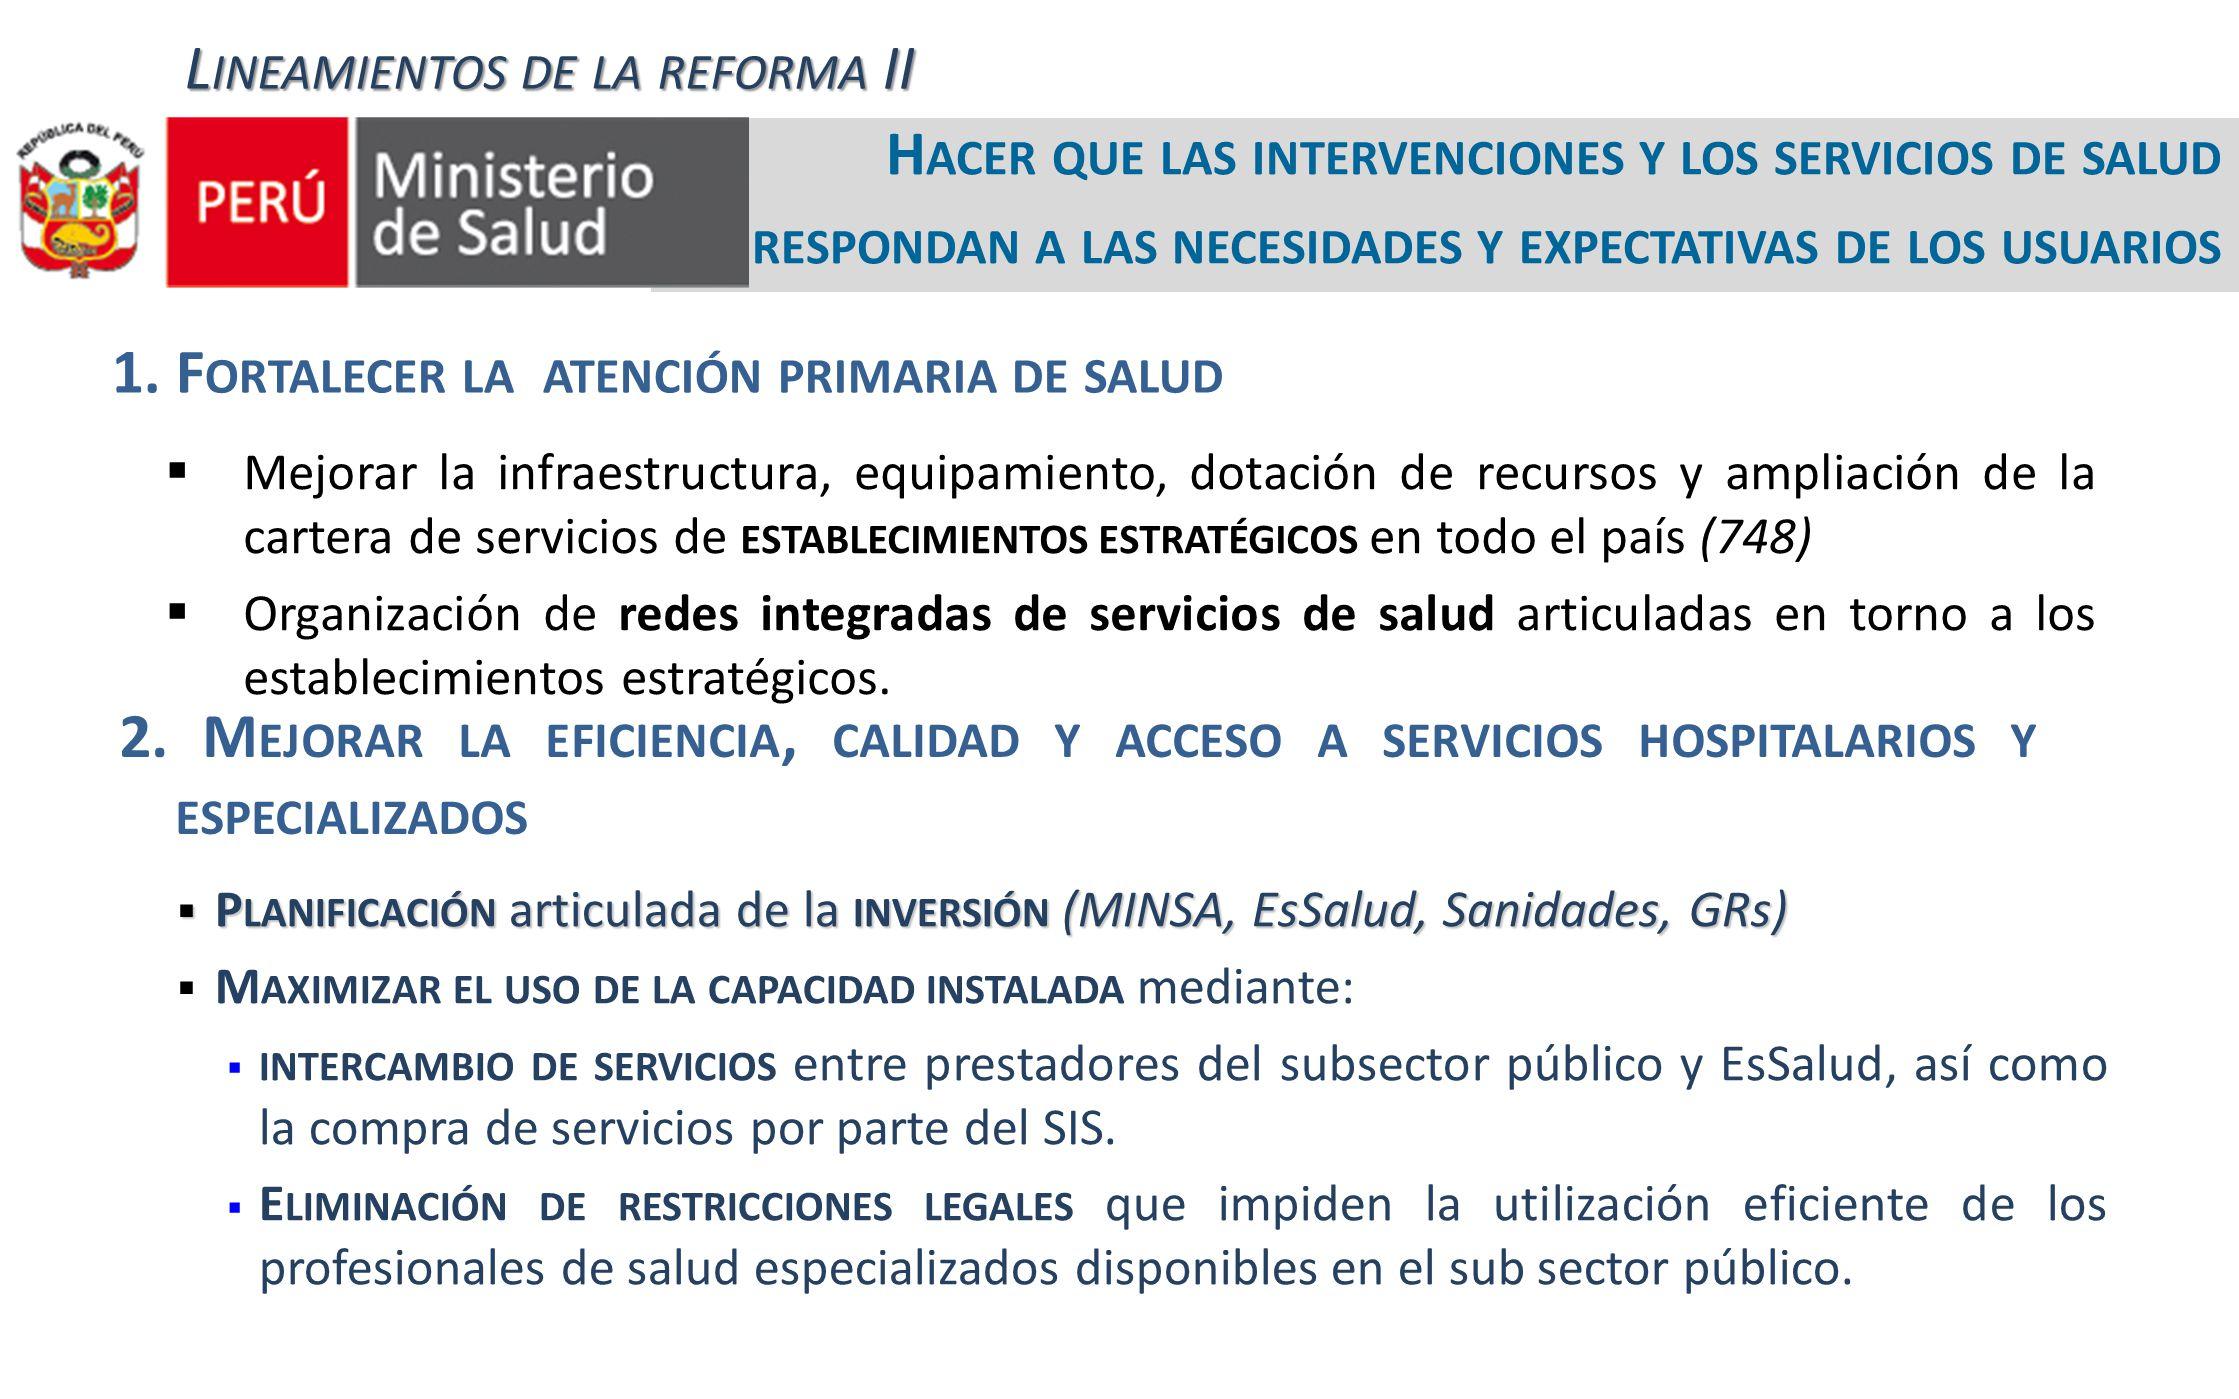 Mejorar la infraestructura, equipamiento, dotación de recursos y ampliación de la cartera de servicios de ESTABLECIMIENTOS ESTRATÉGICOS en todo el paí